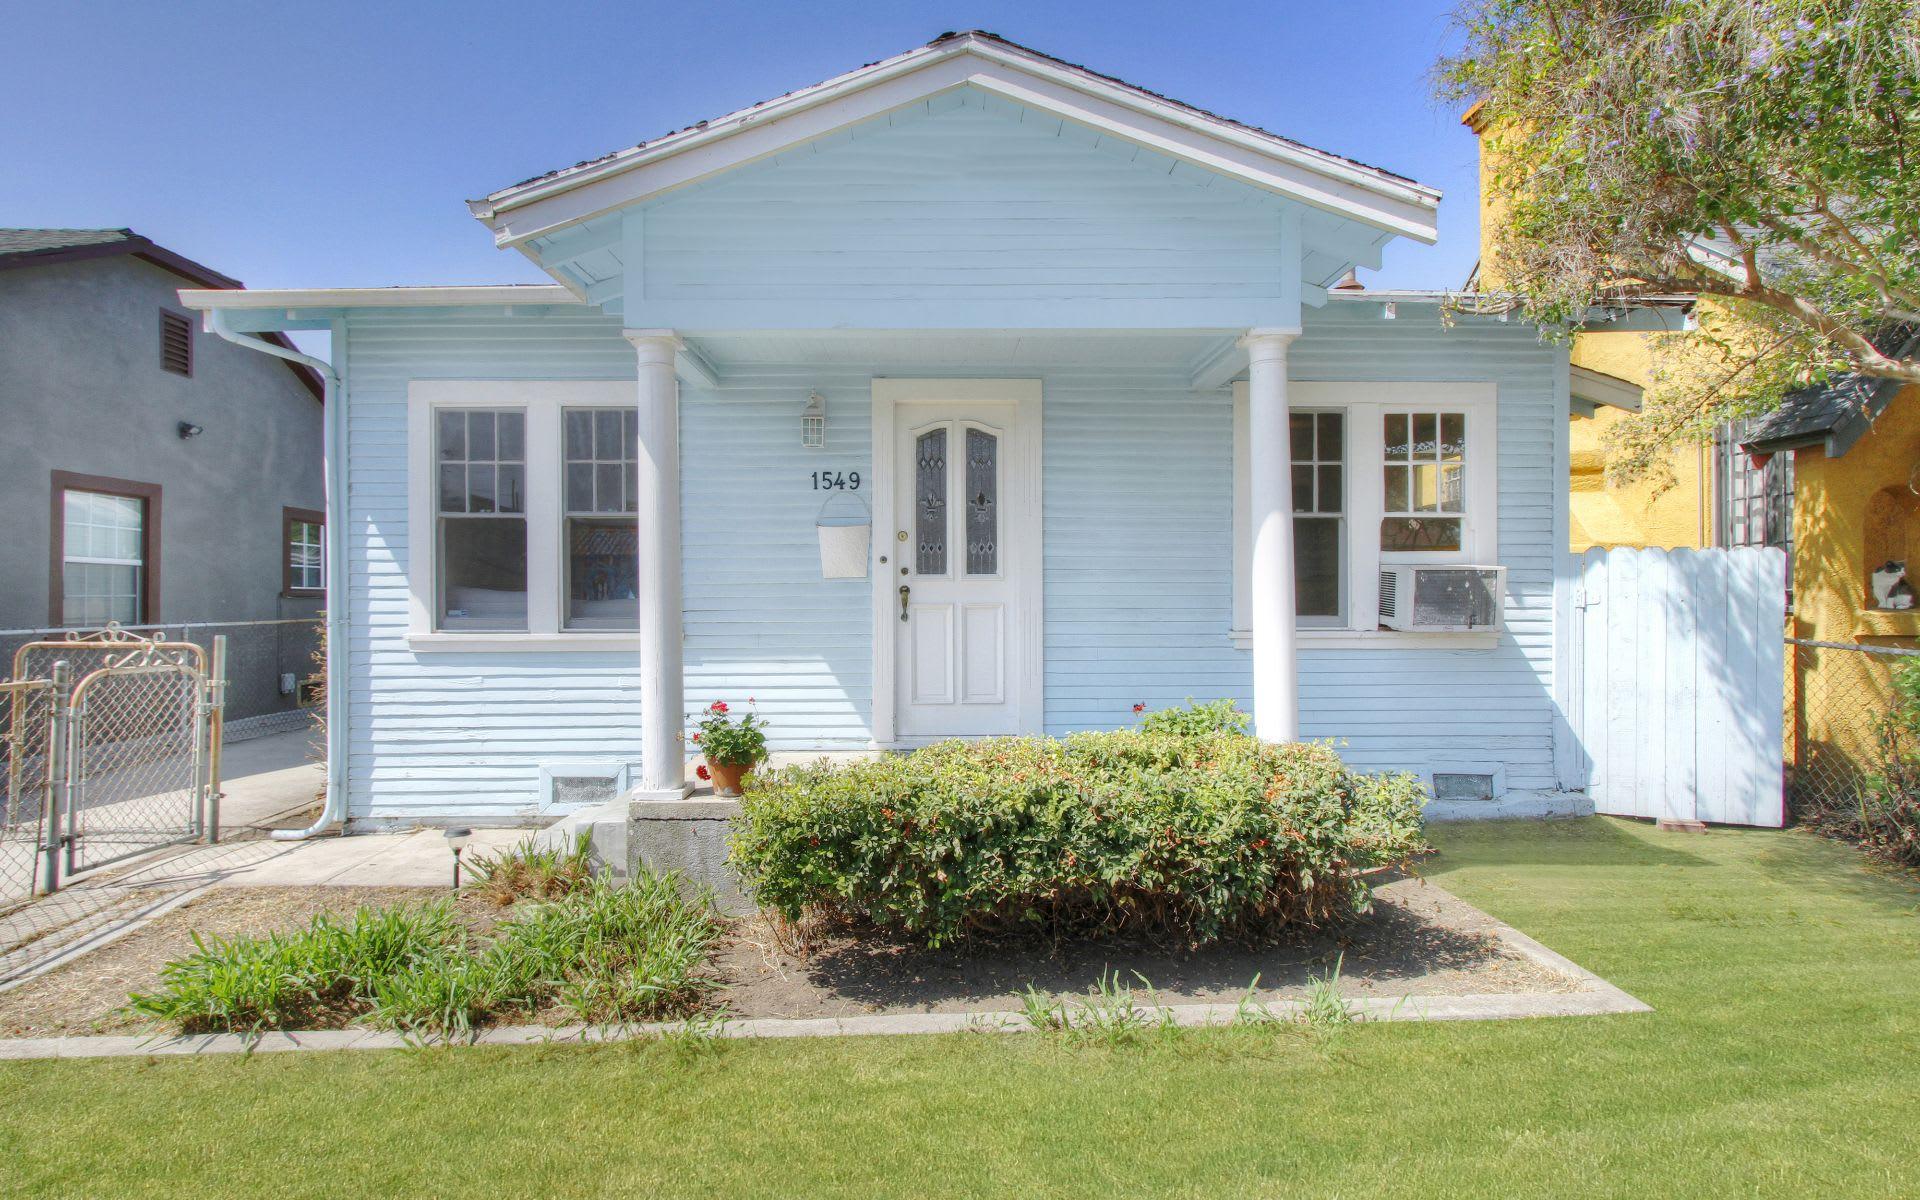 1549 S Burnside Ave photo